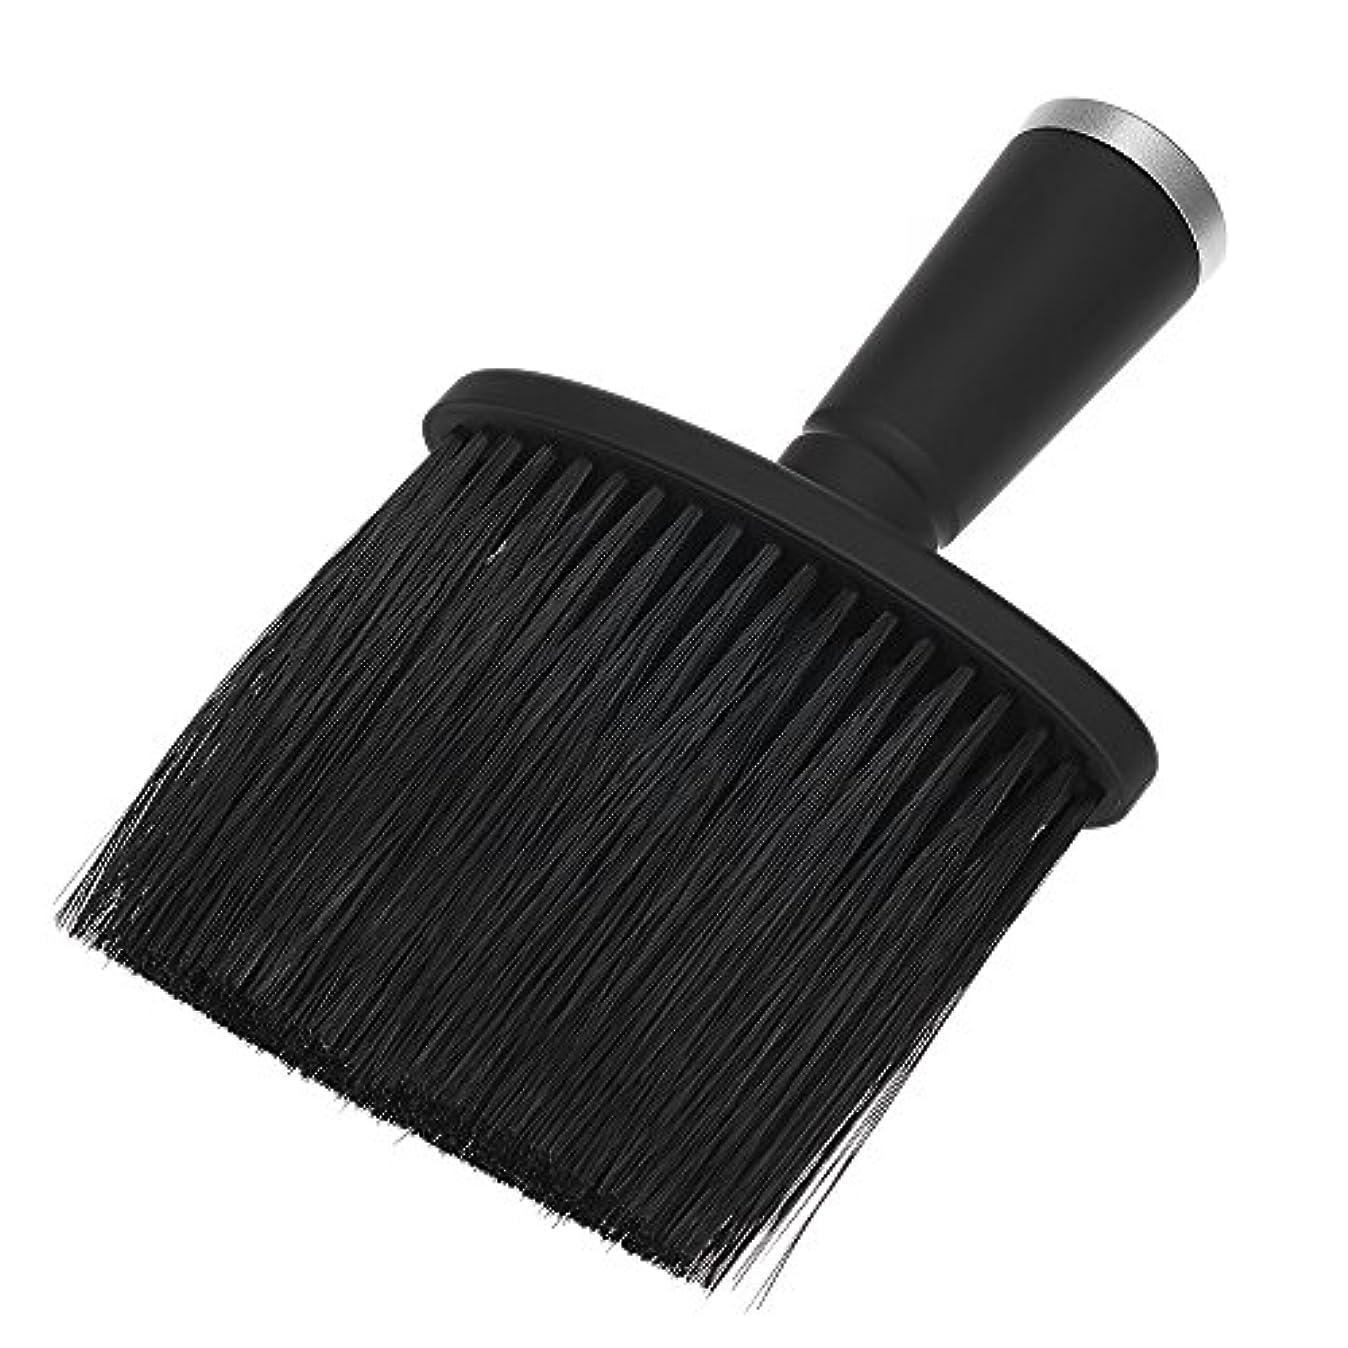 ネックダスターブラシ サロン用ブラシ ヘアクリーニングブラシ 快適 柔らかい ヘアカット用 美容院ヘアツール プロ